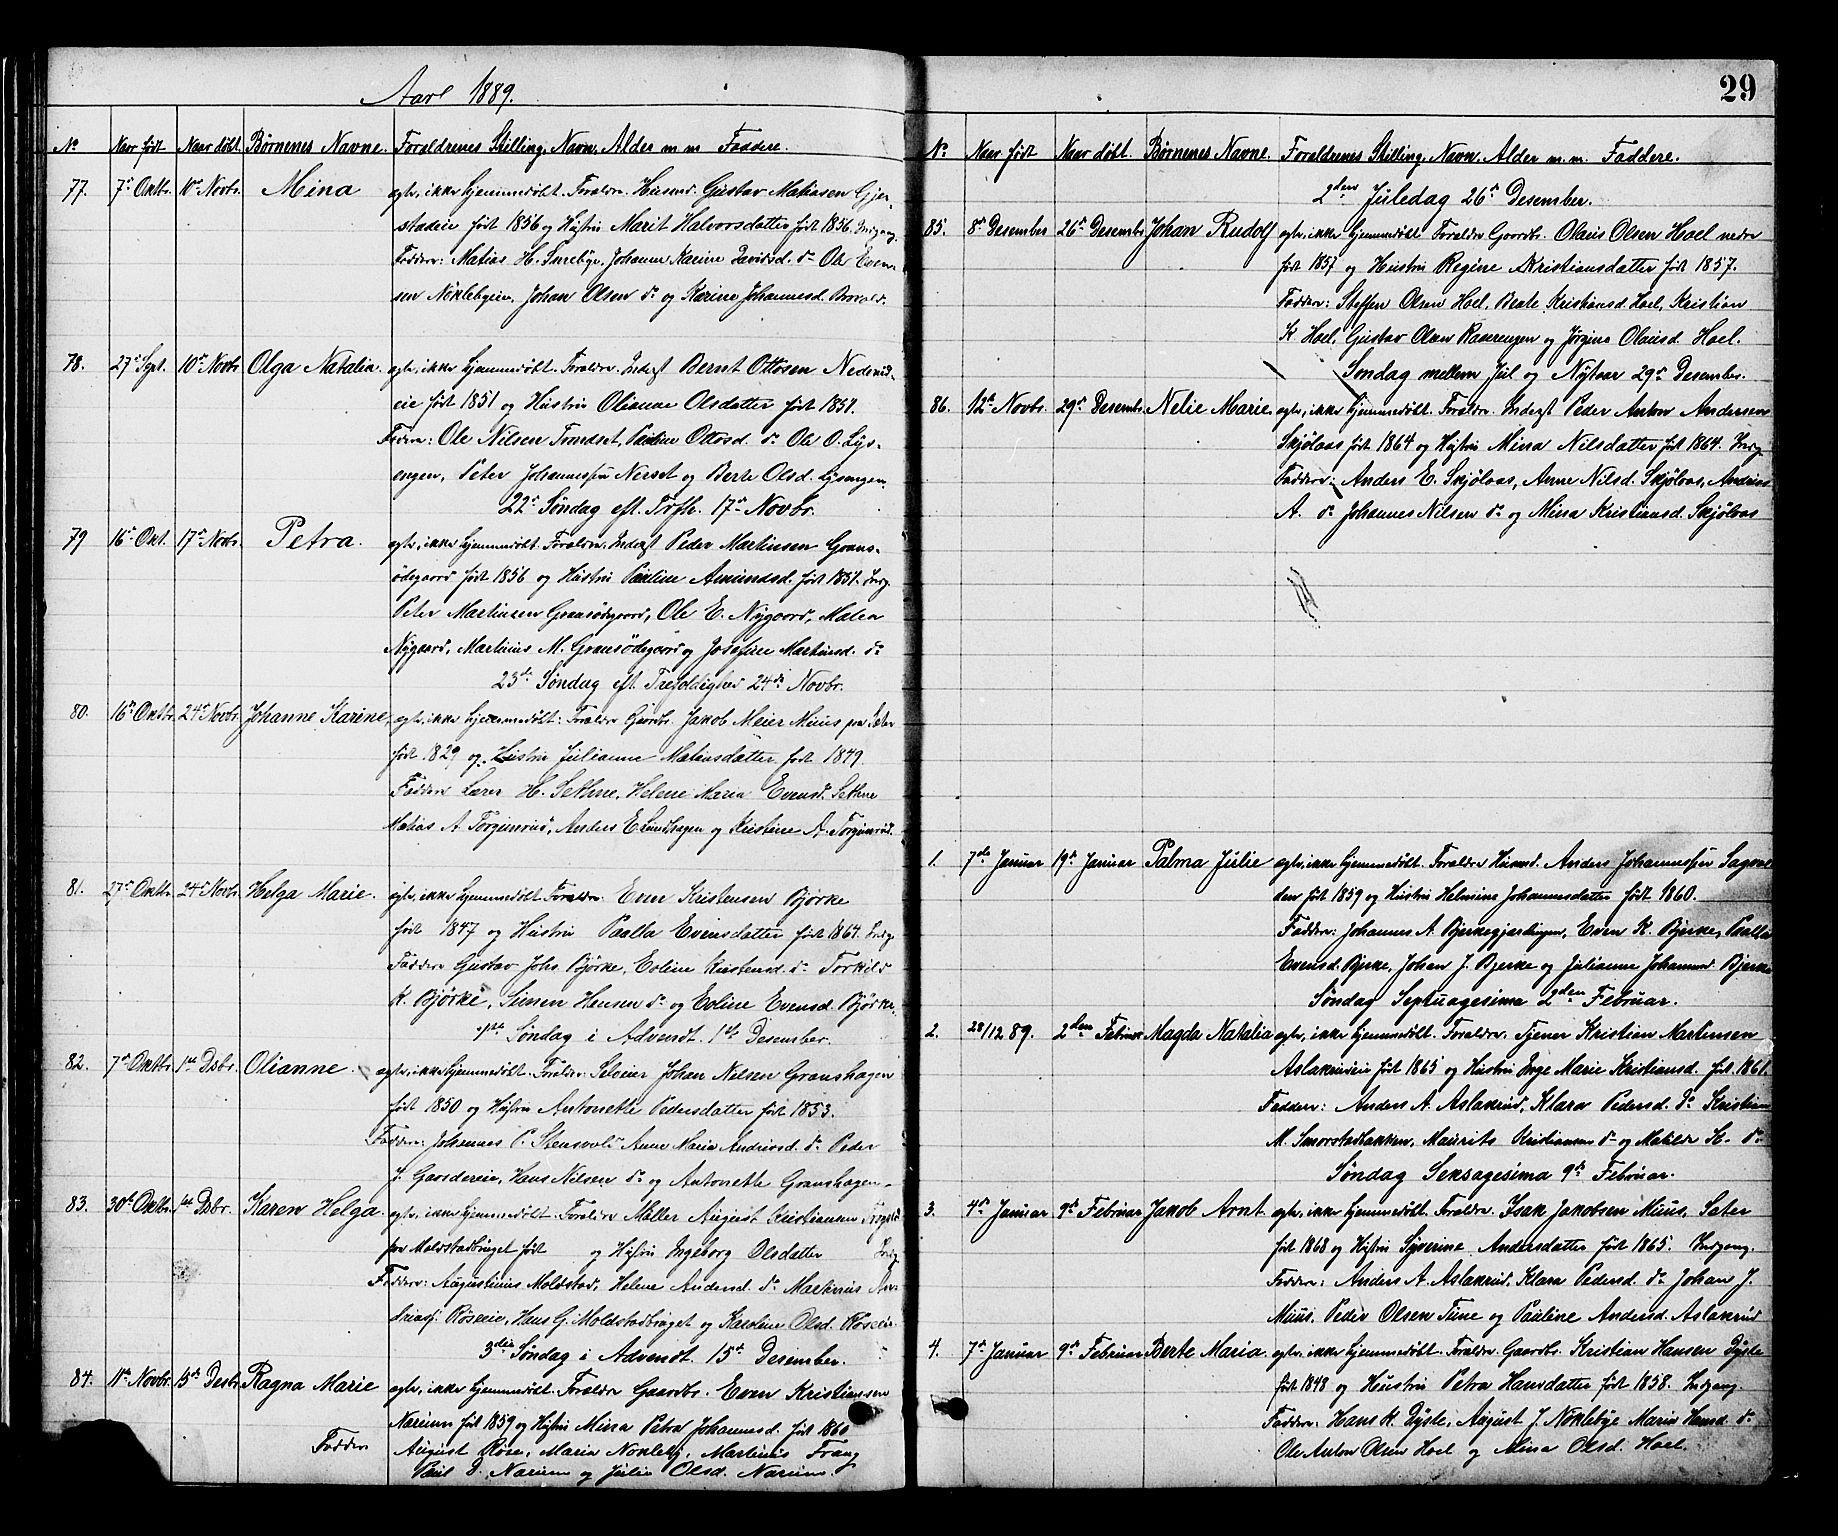 SAH, Vestre Toten prestekontor, H/Ha/Hab/L0008: Klokkerbok nr. 8, 1885-1900, s. 29